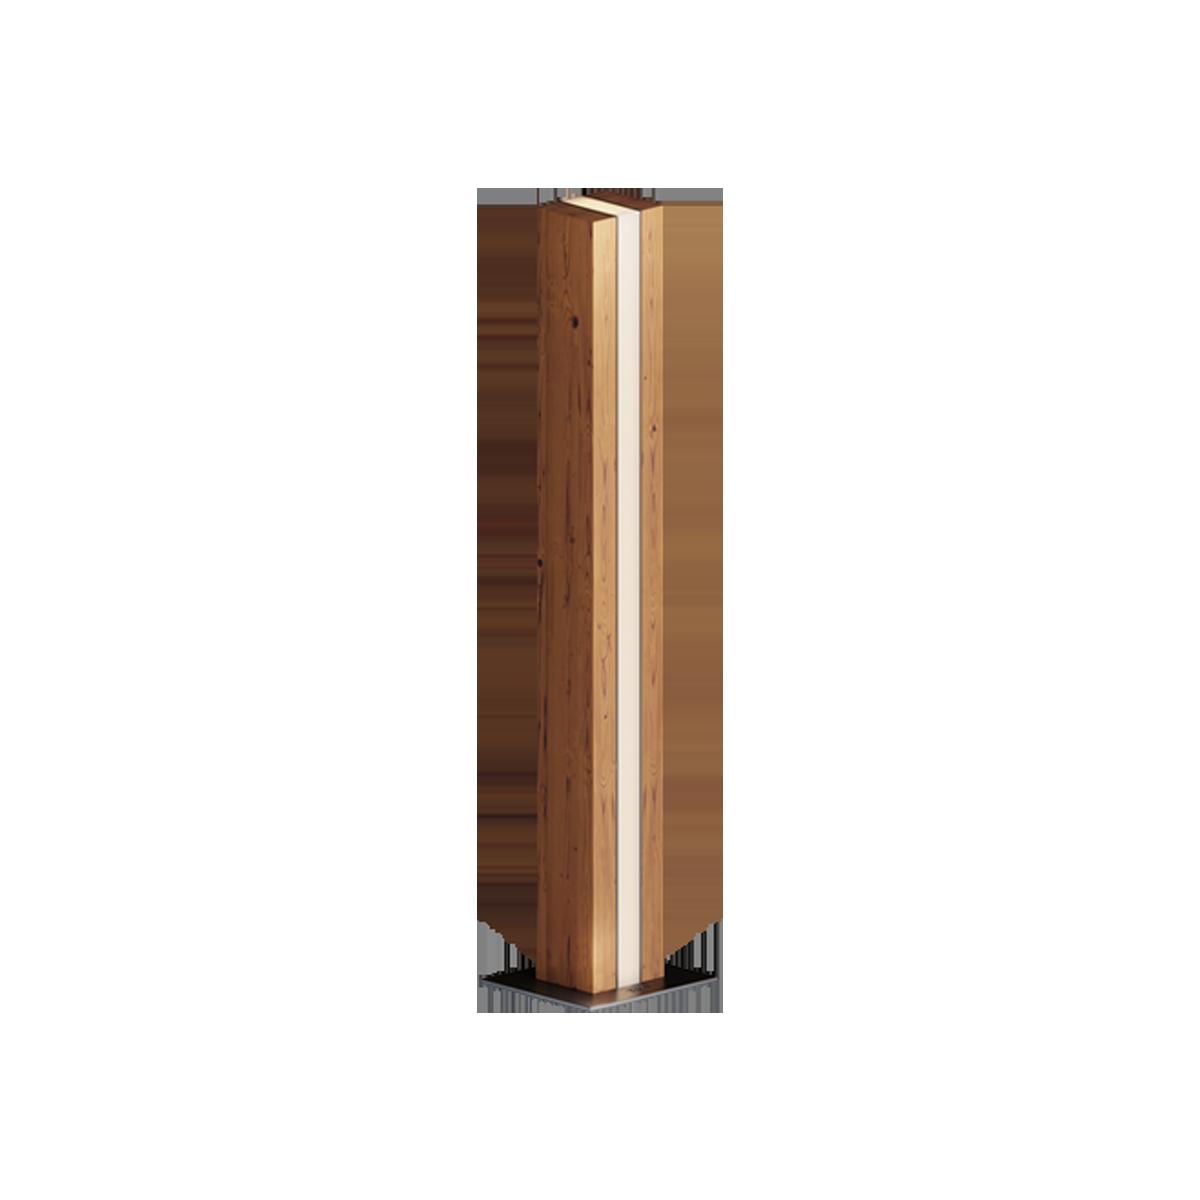 WOOD LIBRA Серия светильников столбиков, корпус выполнен из термодревесины